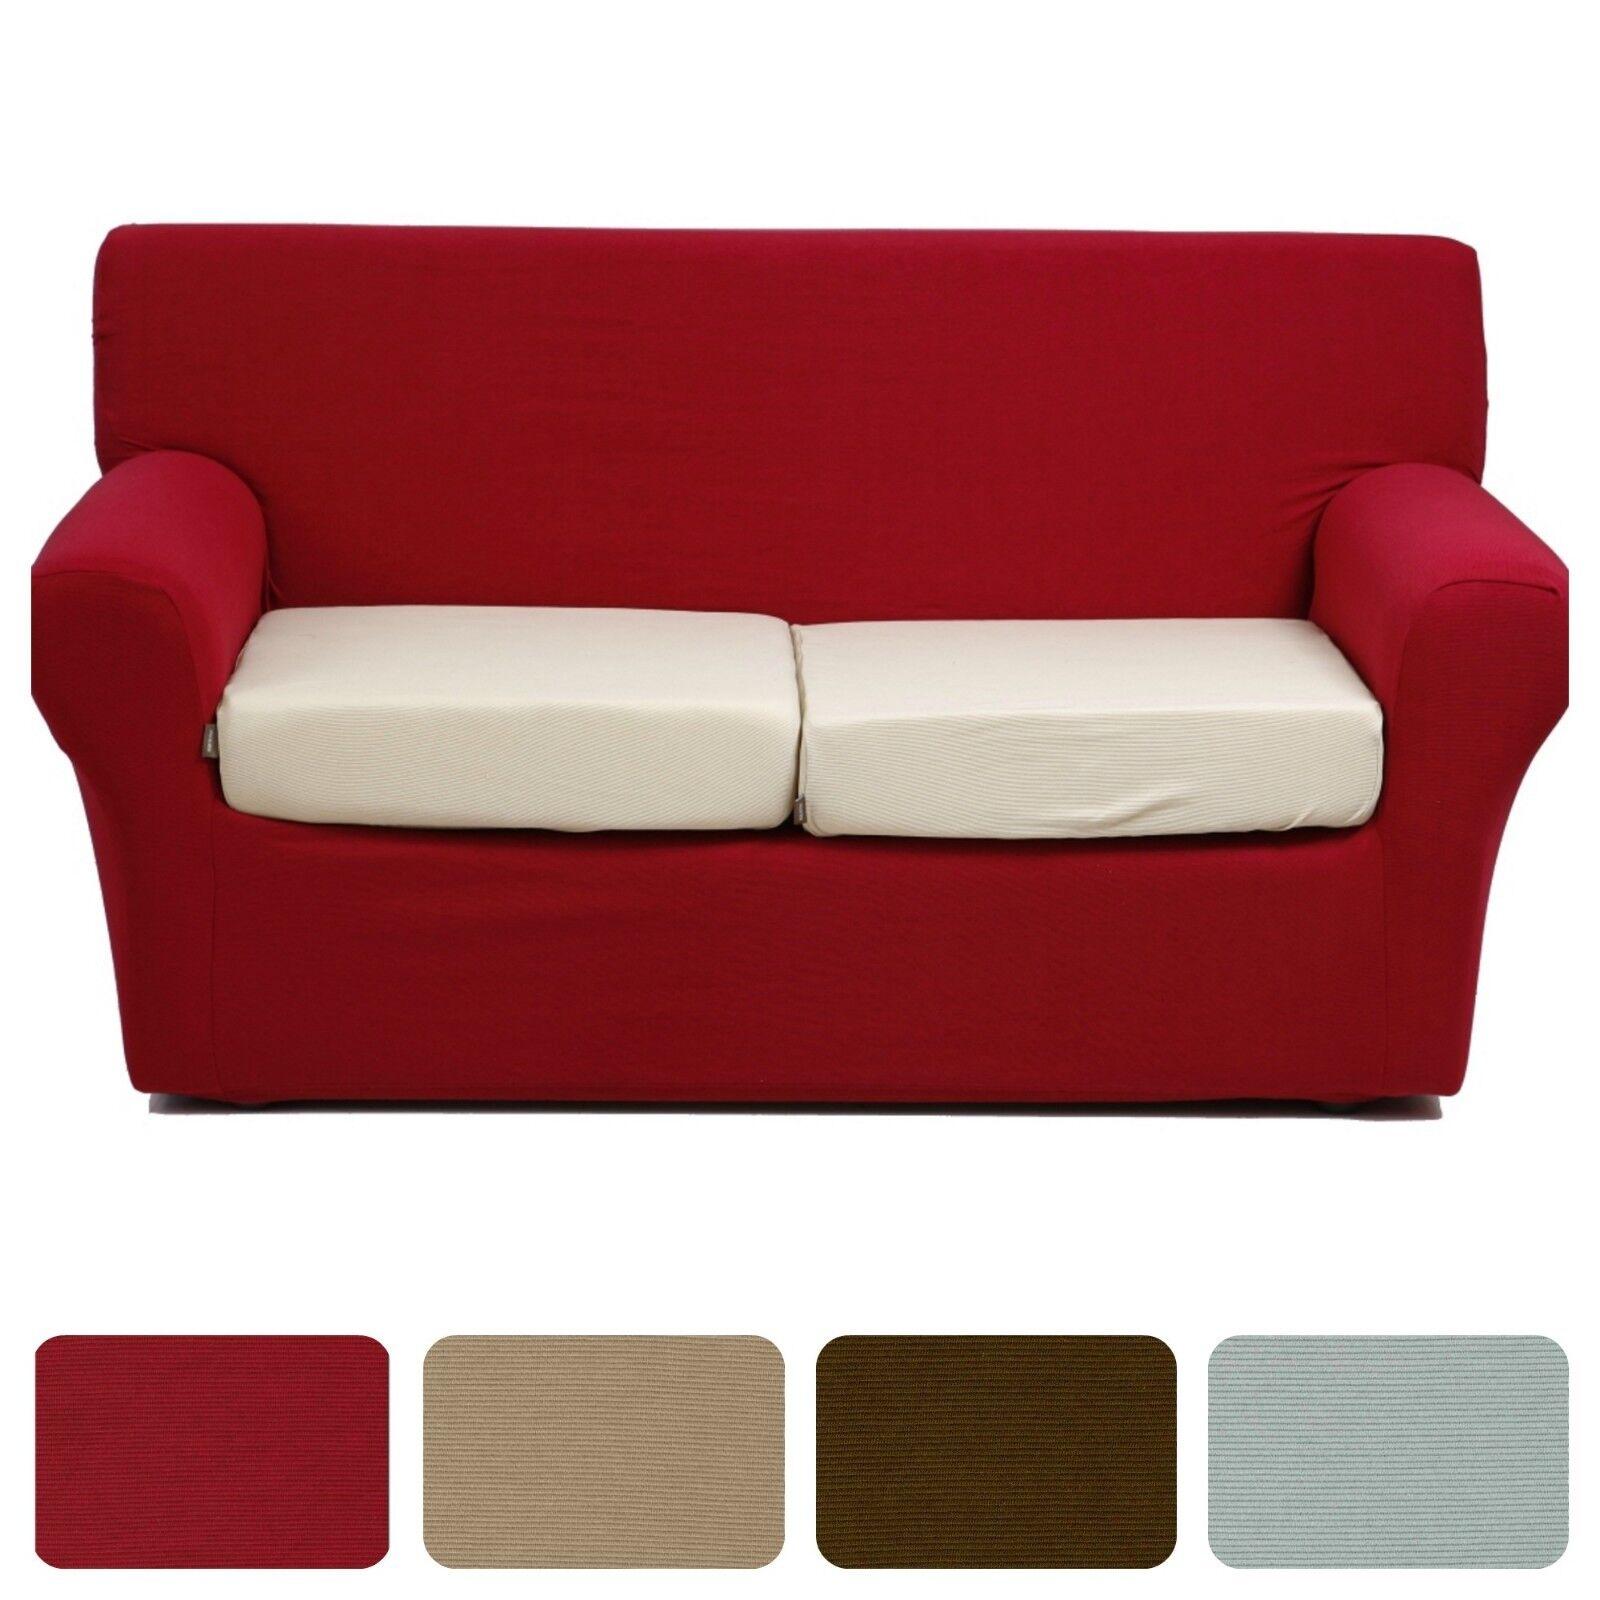 Copridivano 4 posti bielastico rigoletto per divano max cm 220 vari colori ebay - Copricuscini divano bassetti ...